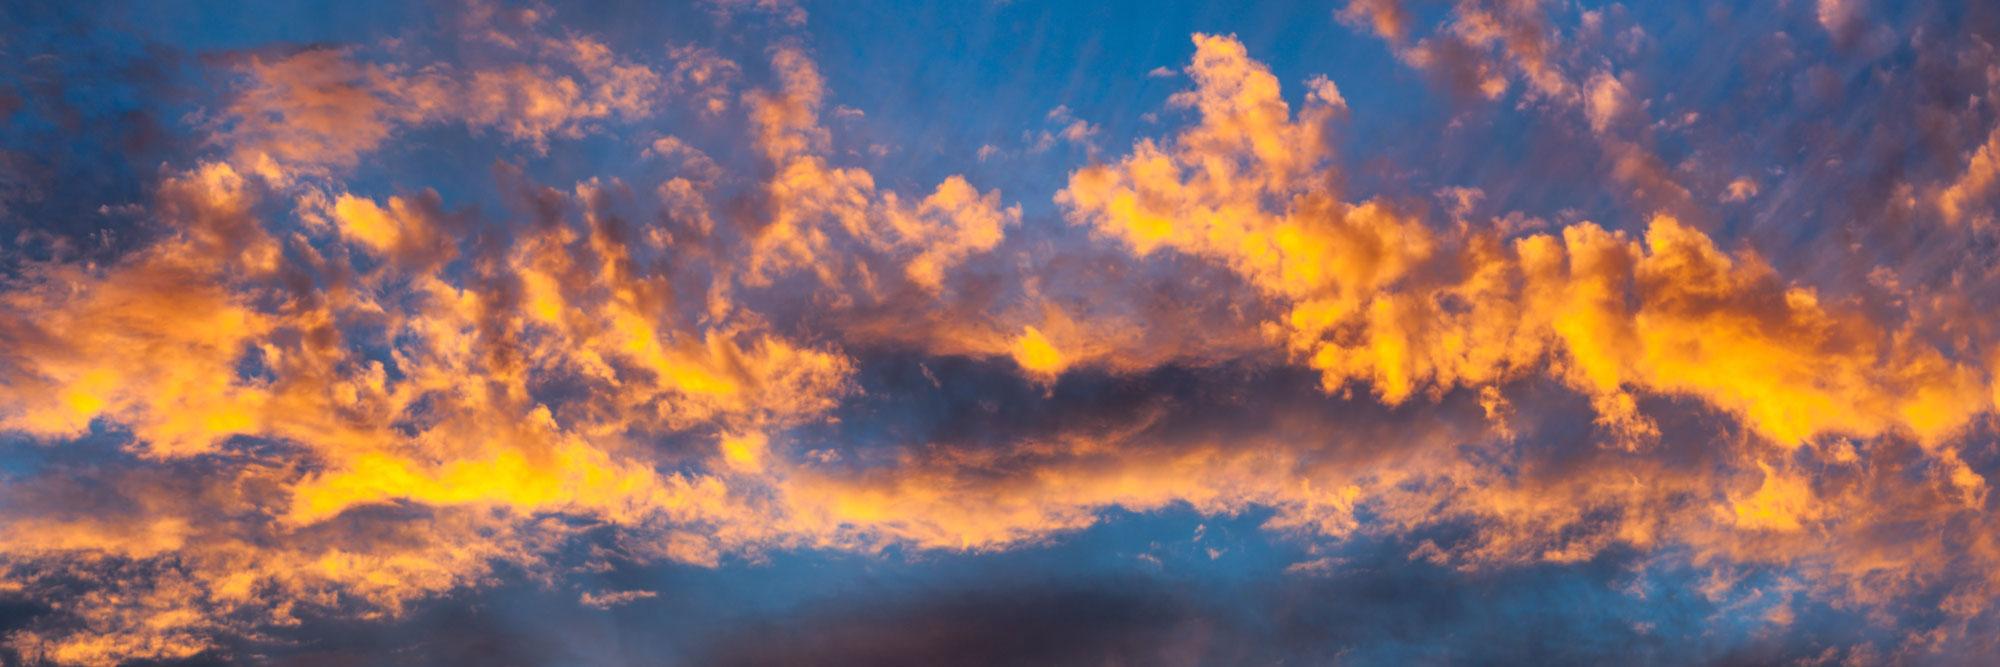 Nuages embrasés par le soleil couchant